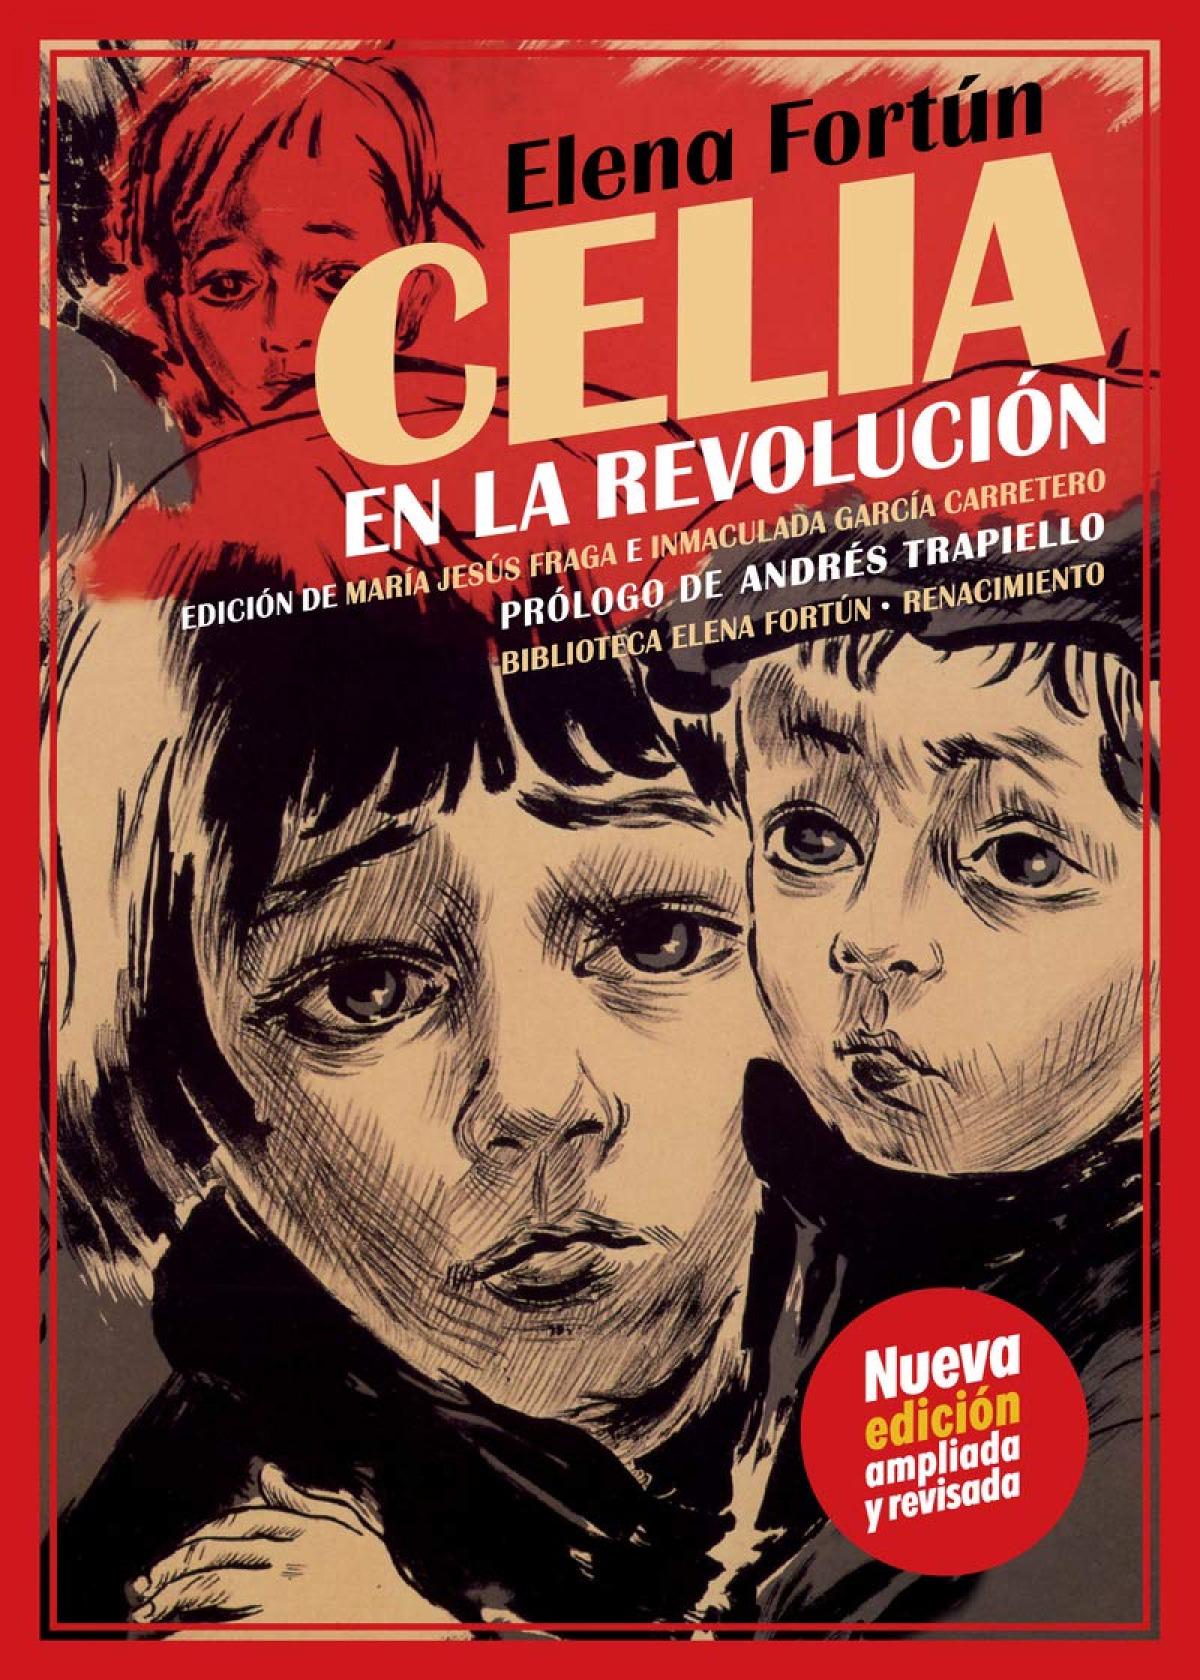 Celia en la revolución 9788418387265